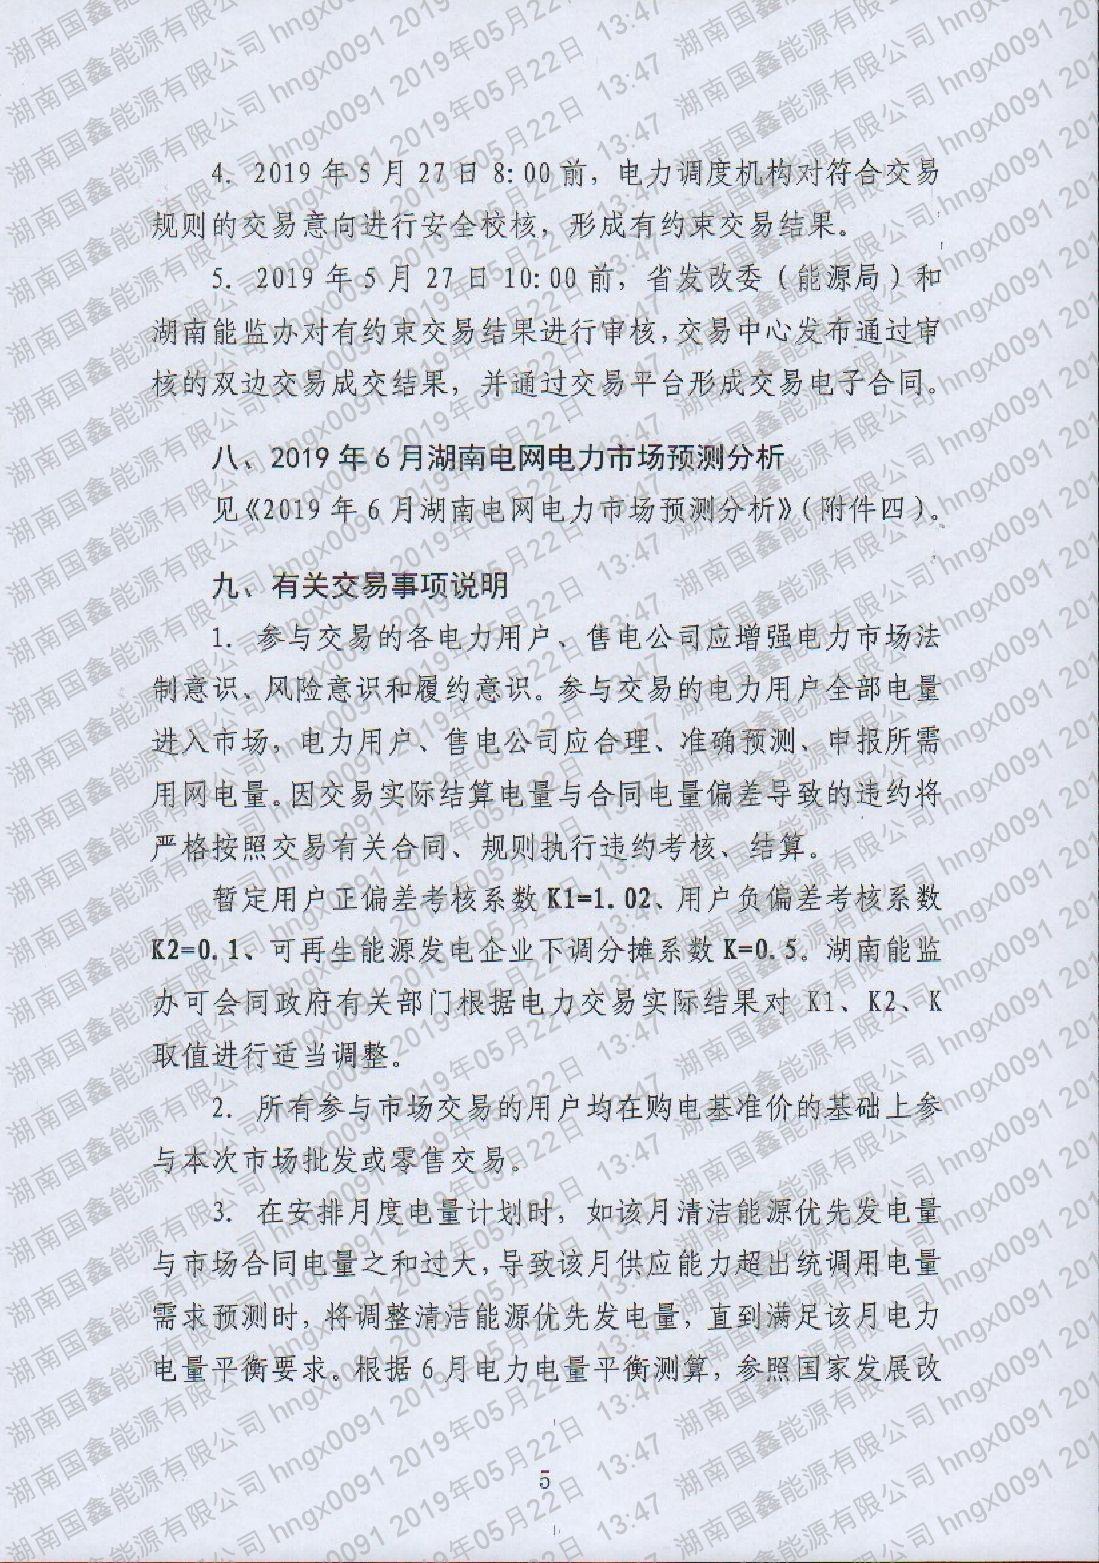 2019年第8號交易公告(6月清潔能源市場交易)(1).pdf_page_5_compressed.jpg